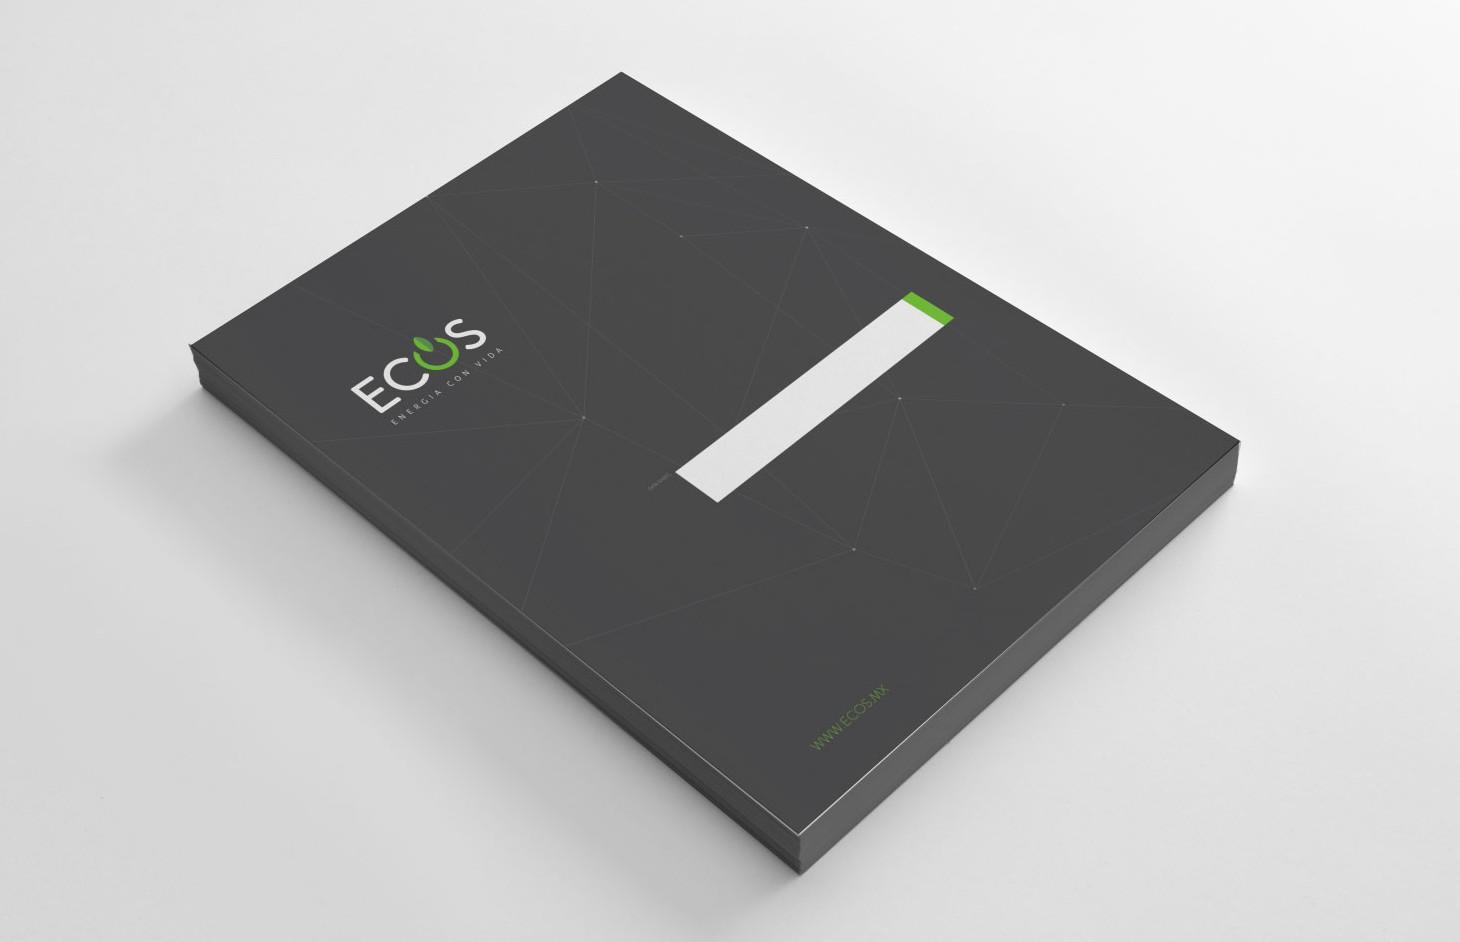 Ecos-6